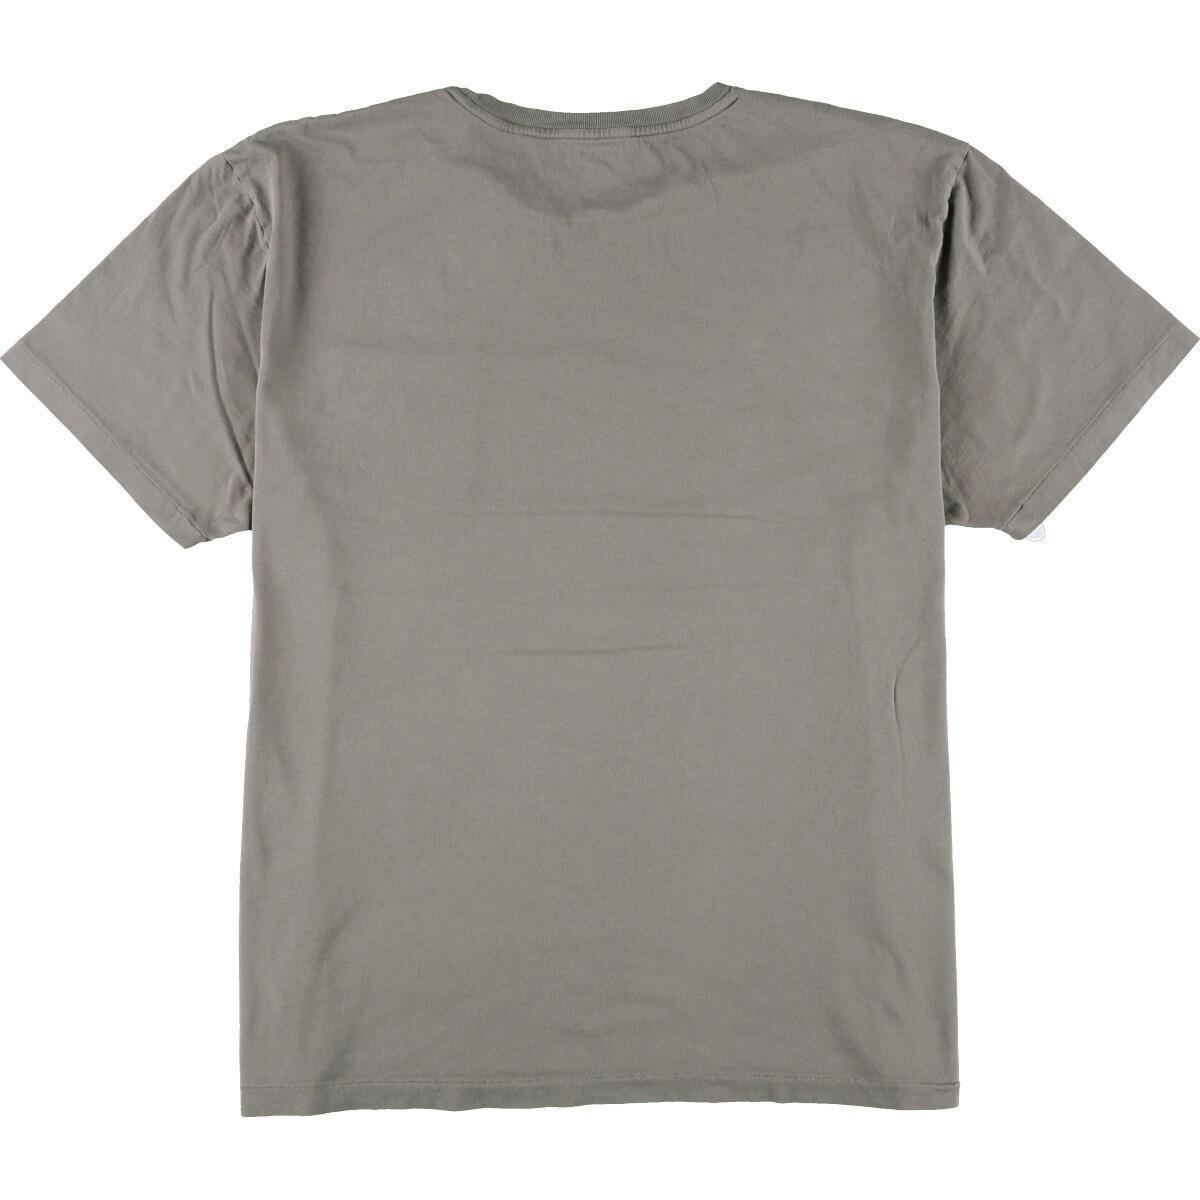 ラルフローレン Ralph Lauren POLO RALPH LAUREN 半袖 ワンポイントロゴポケットTシャツ メンズXL /eaa161576_画像2